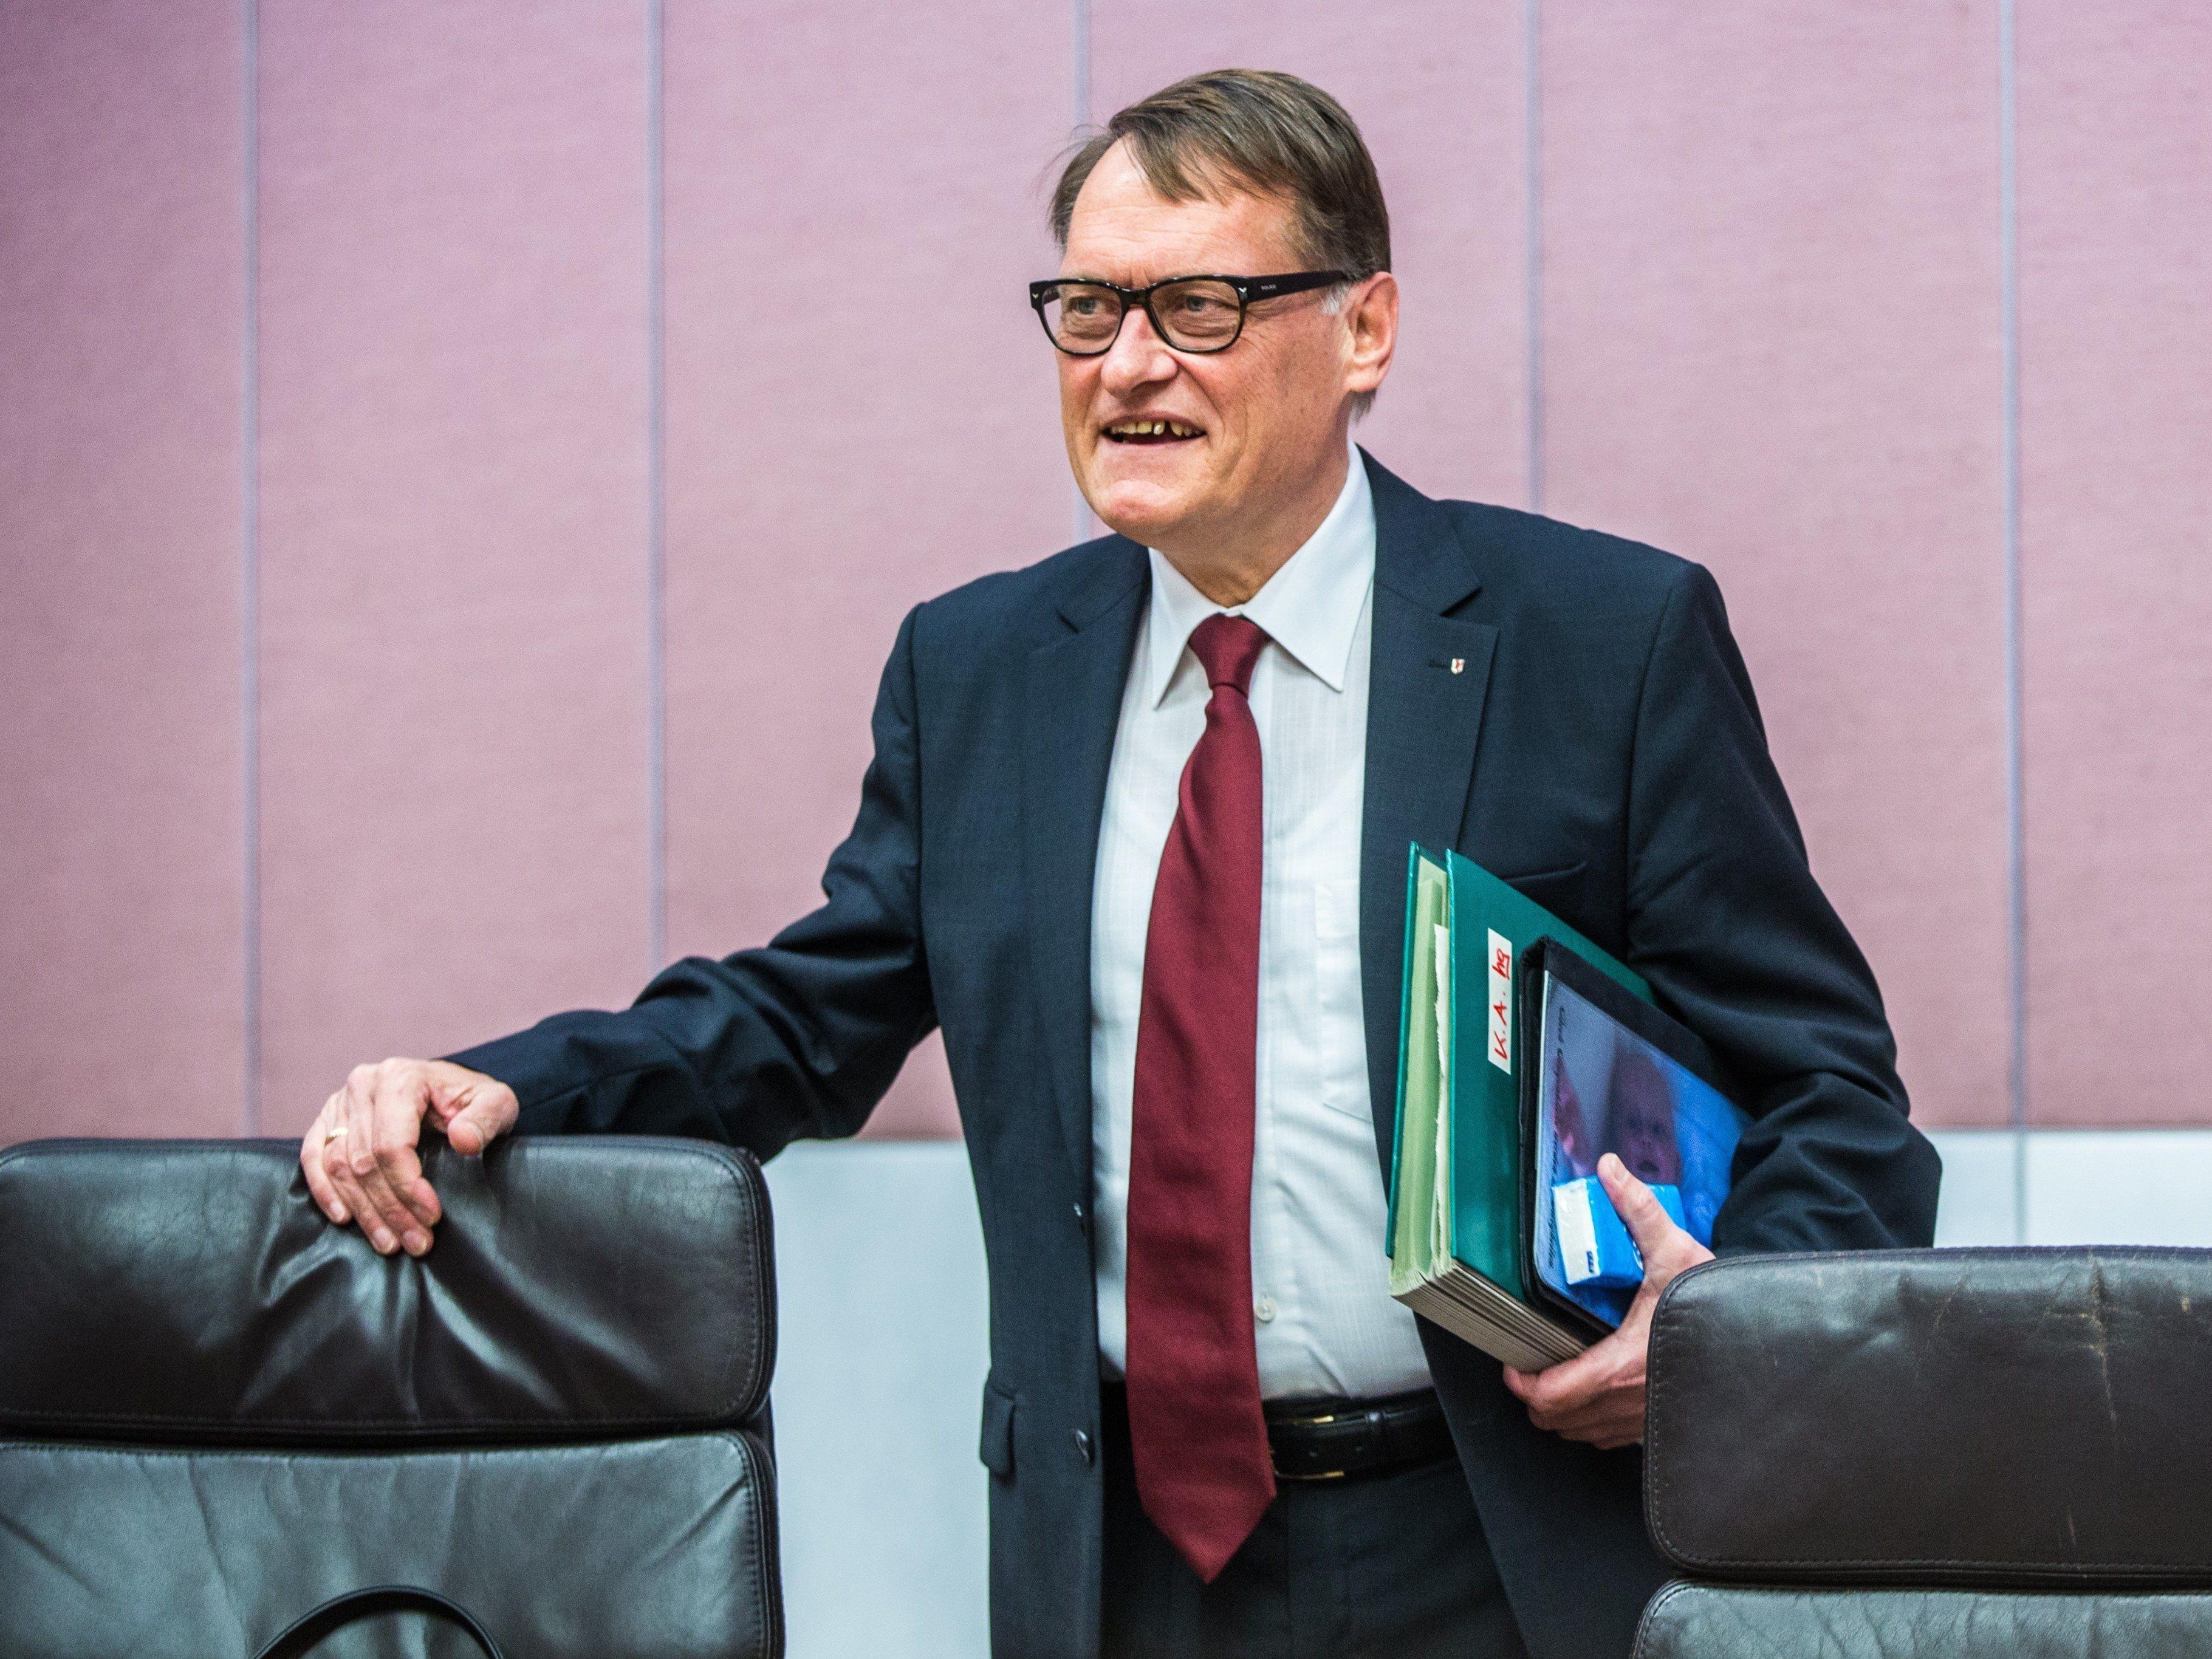 FPÖ-Verkehrssprecher Ernst Hagen kritisiert Naturschutzrätin Gerlind Weber.